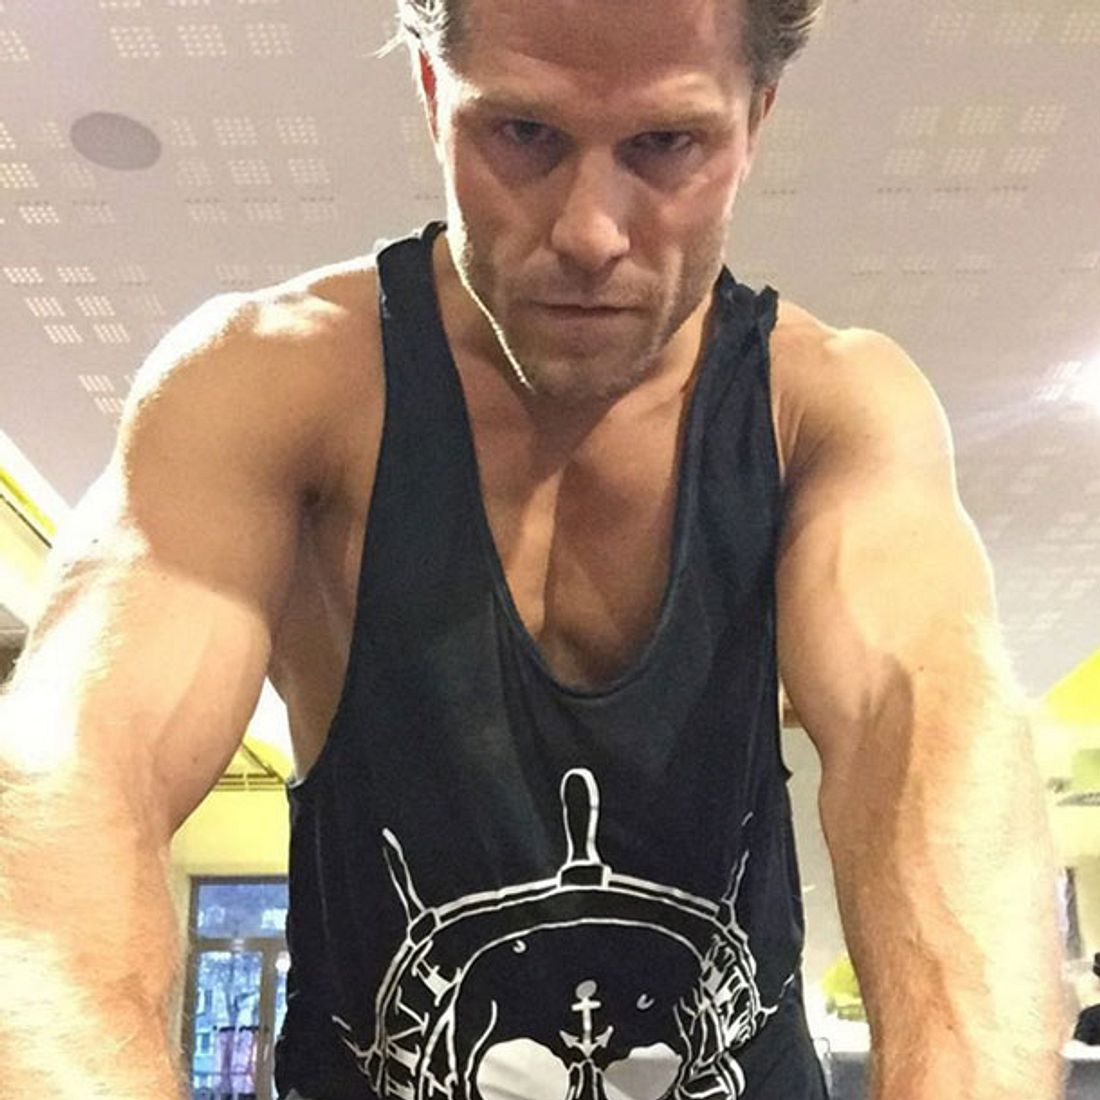 Gut trainiert: Ex-Bachelor Paul Janke zeigt seine Muckis